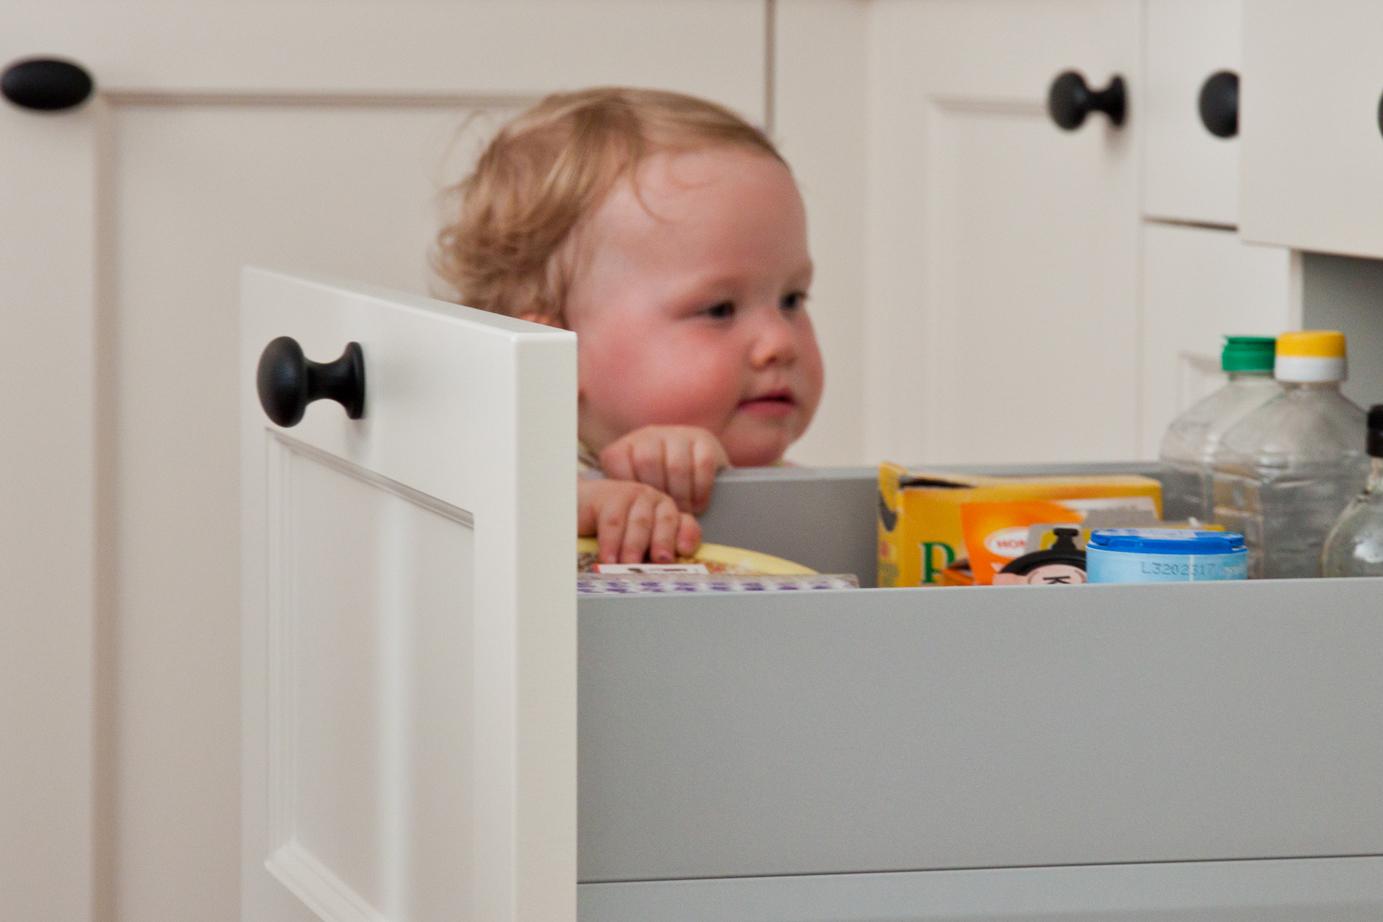 U Keuken Kopen : Keuken kopen lees jarenlang verzamelde tips db keukens